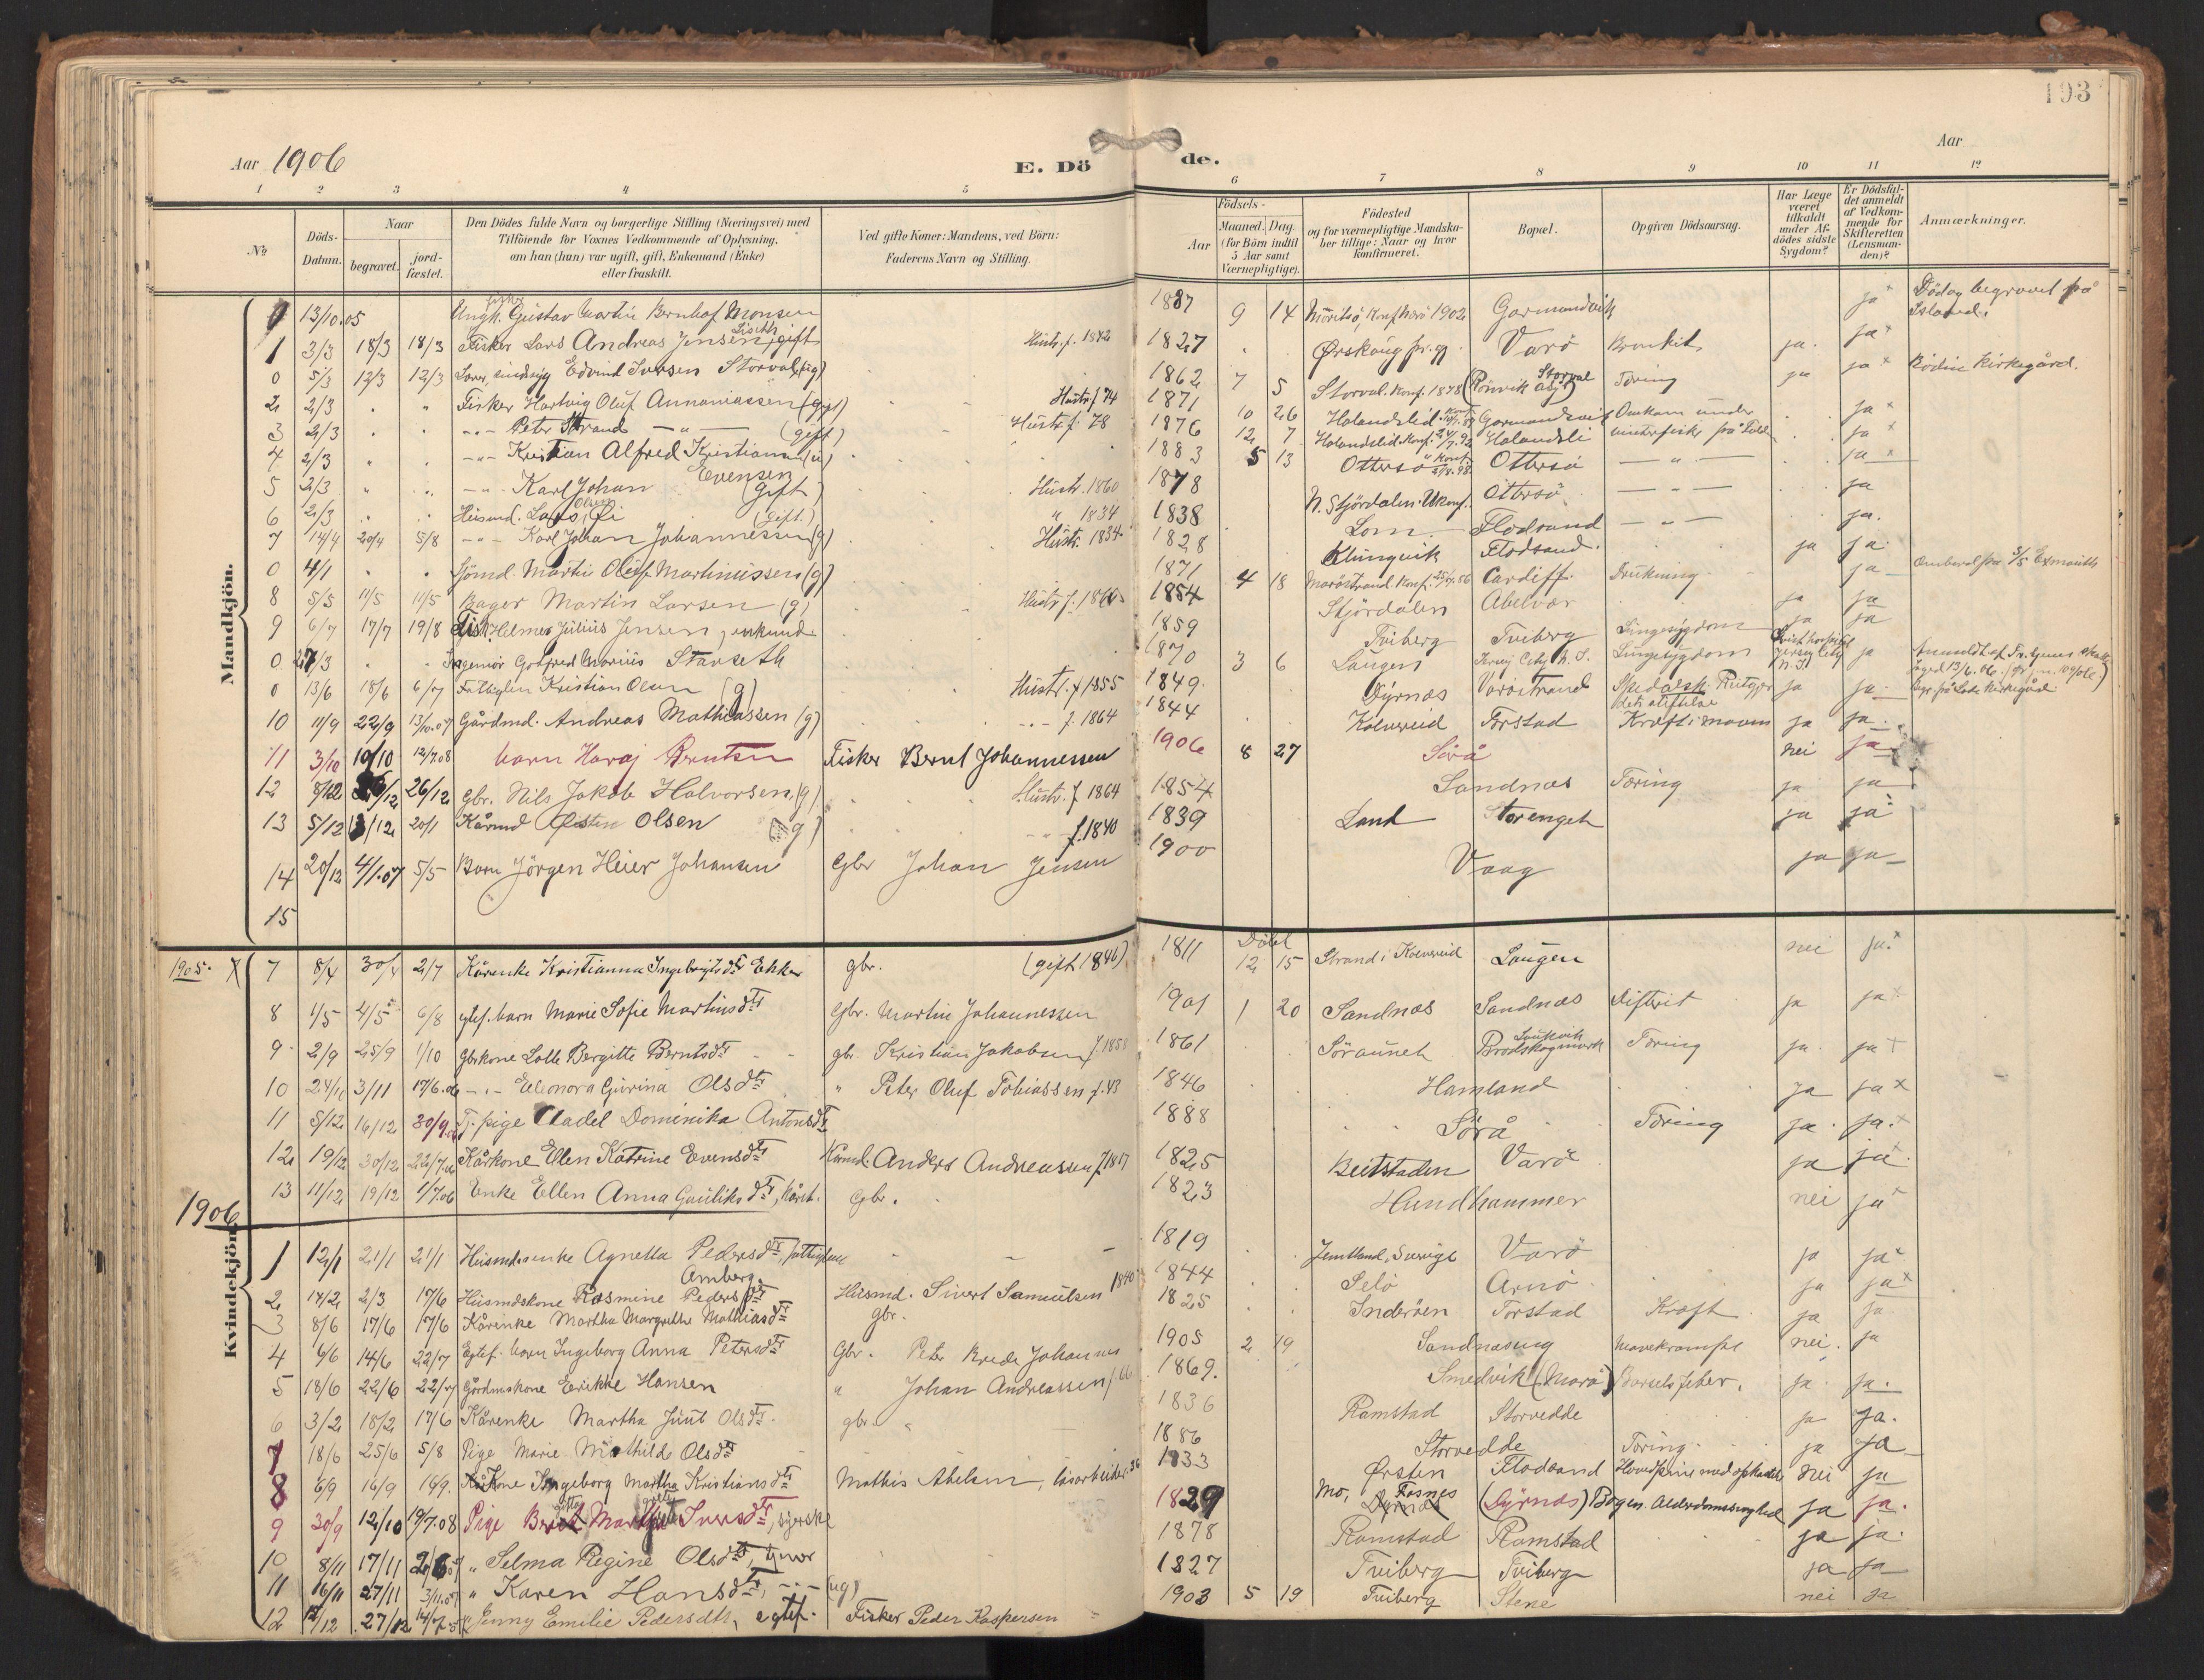 SAT, Ministerialprotokoller, klokkerbøker og fødselsregistre - Nord-Trøndelag, 784/L0677: Ministerialbok nr. 784A12, 1900-1920, s. 193